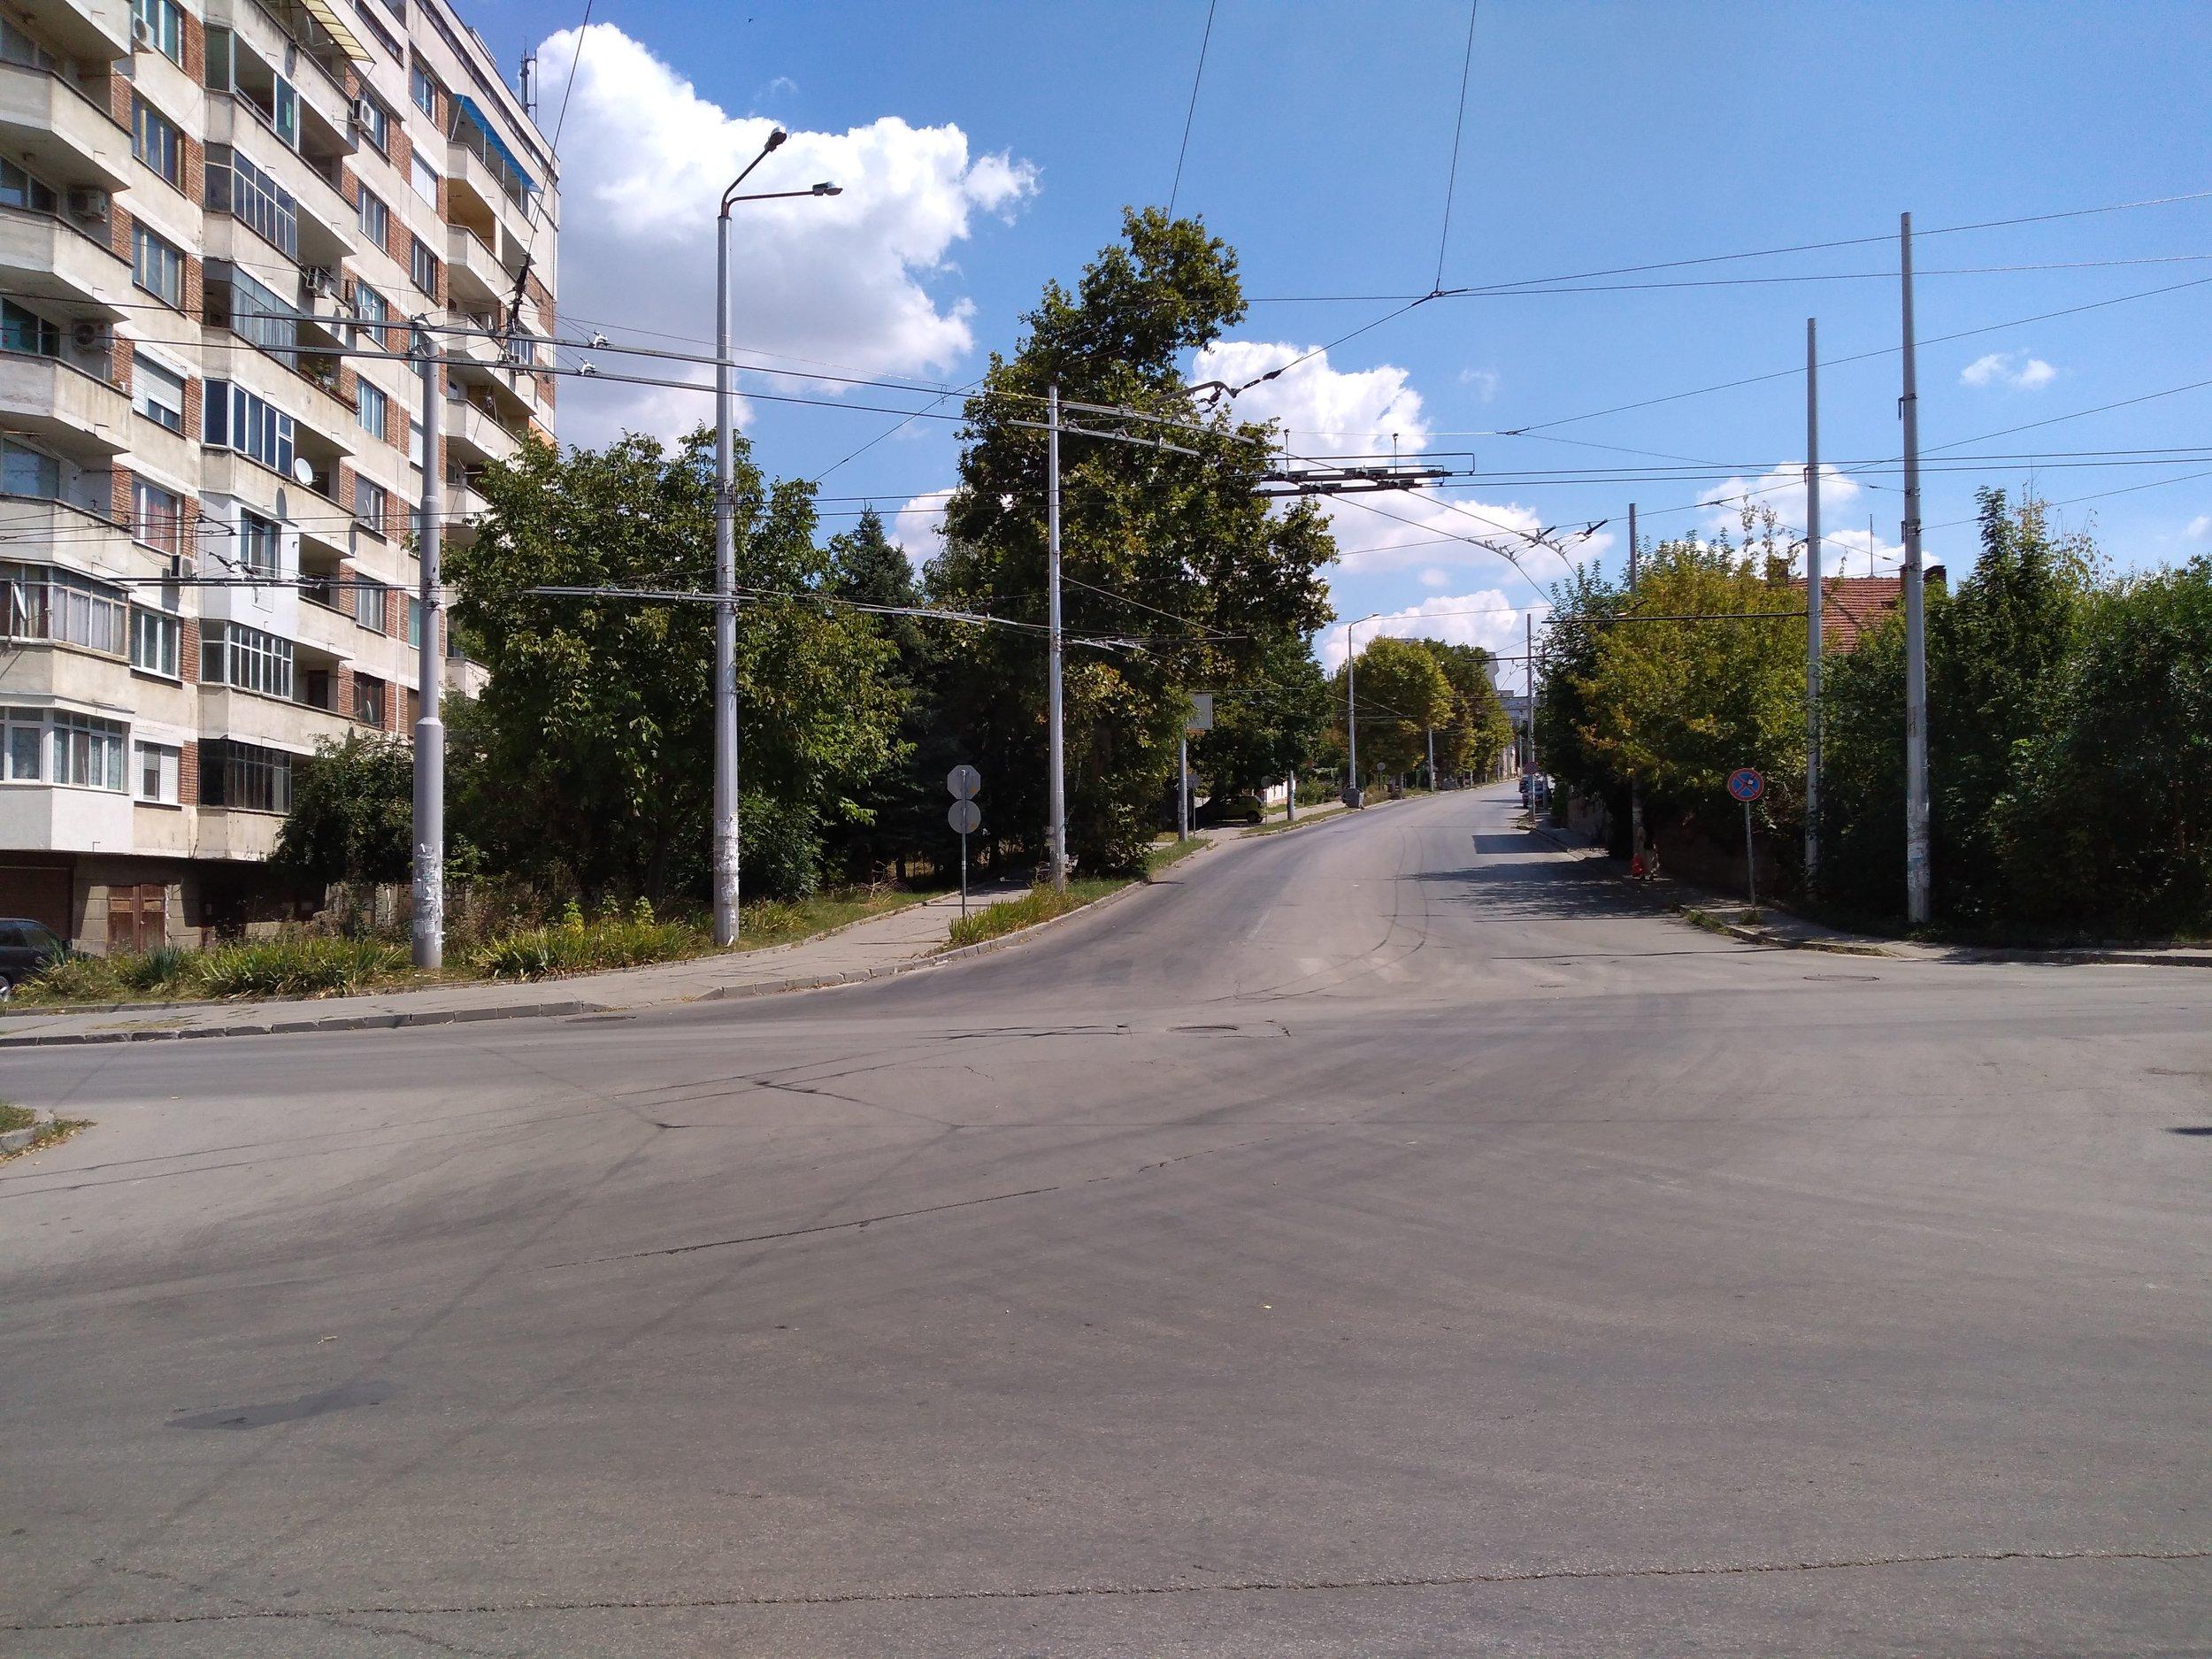 Nová trať obsluhovaná linkou č. 44 začíná v tomto místě a směřuje doprava. Vychází z trati napojující centrum (vlevo) se sídlištěm Družba (na kopci).